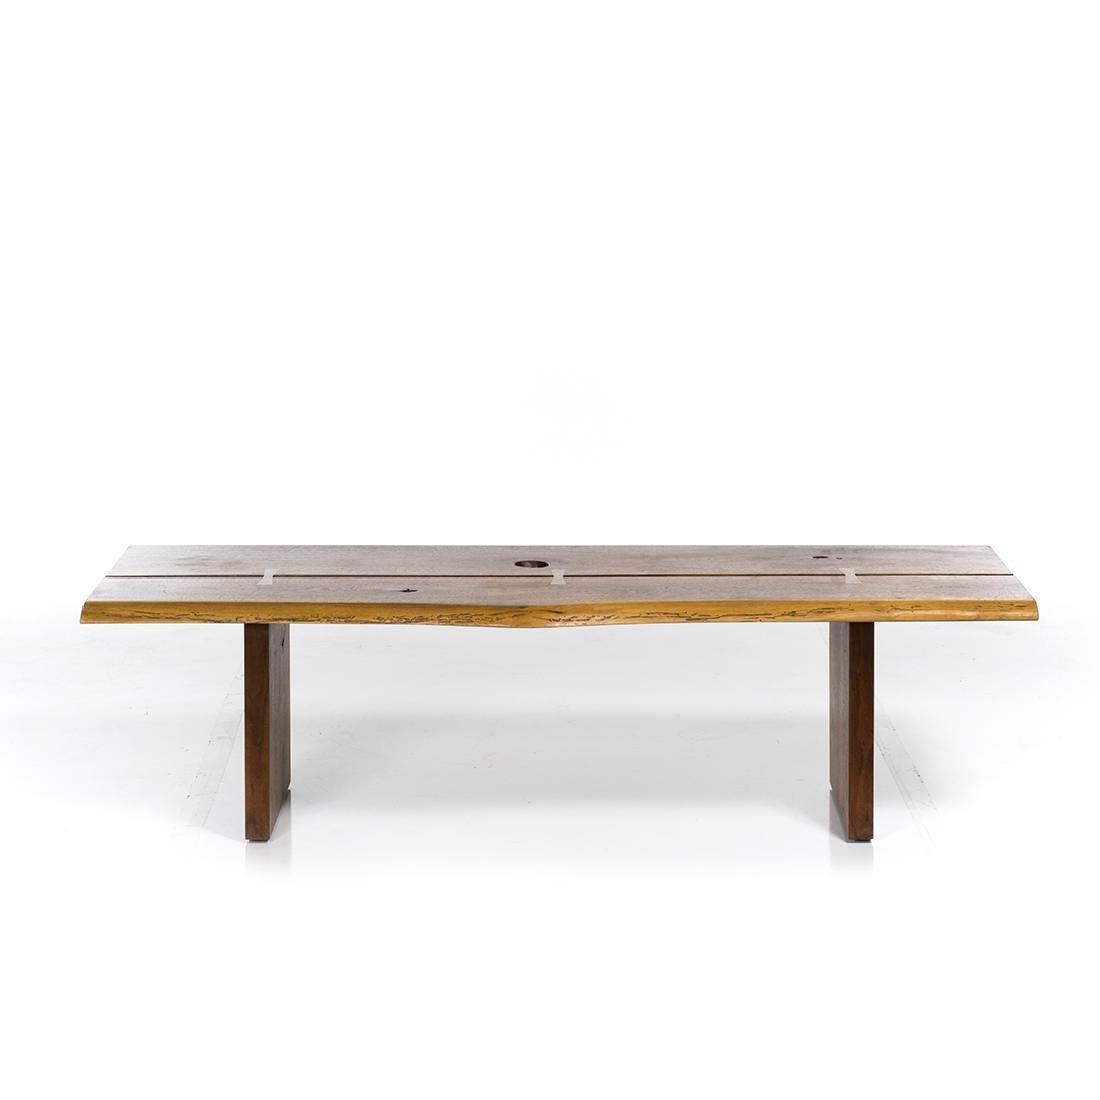 George Nakashima Style Bench - 2